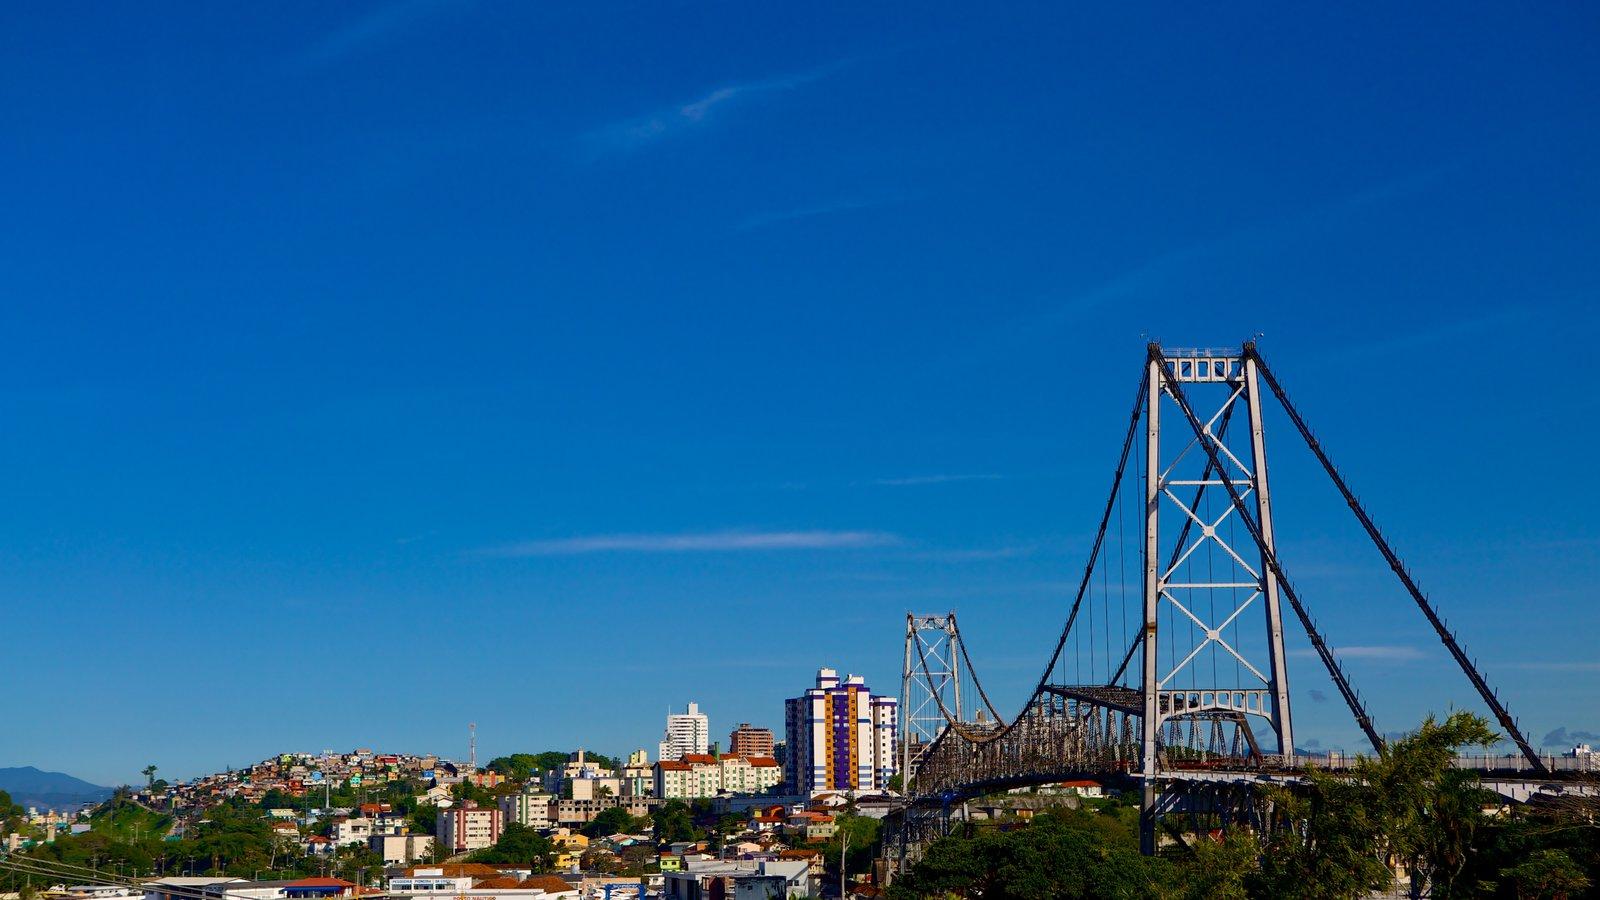 Ponte Hercílio Luz caracterizando uma cidade e uma ponte